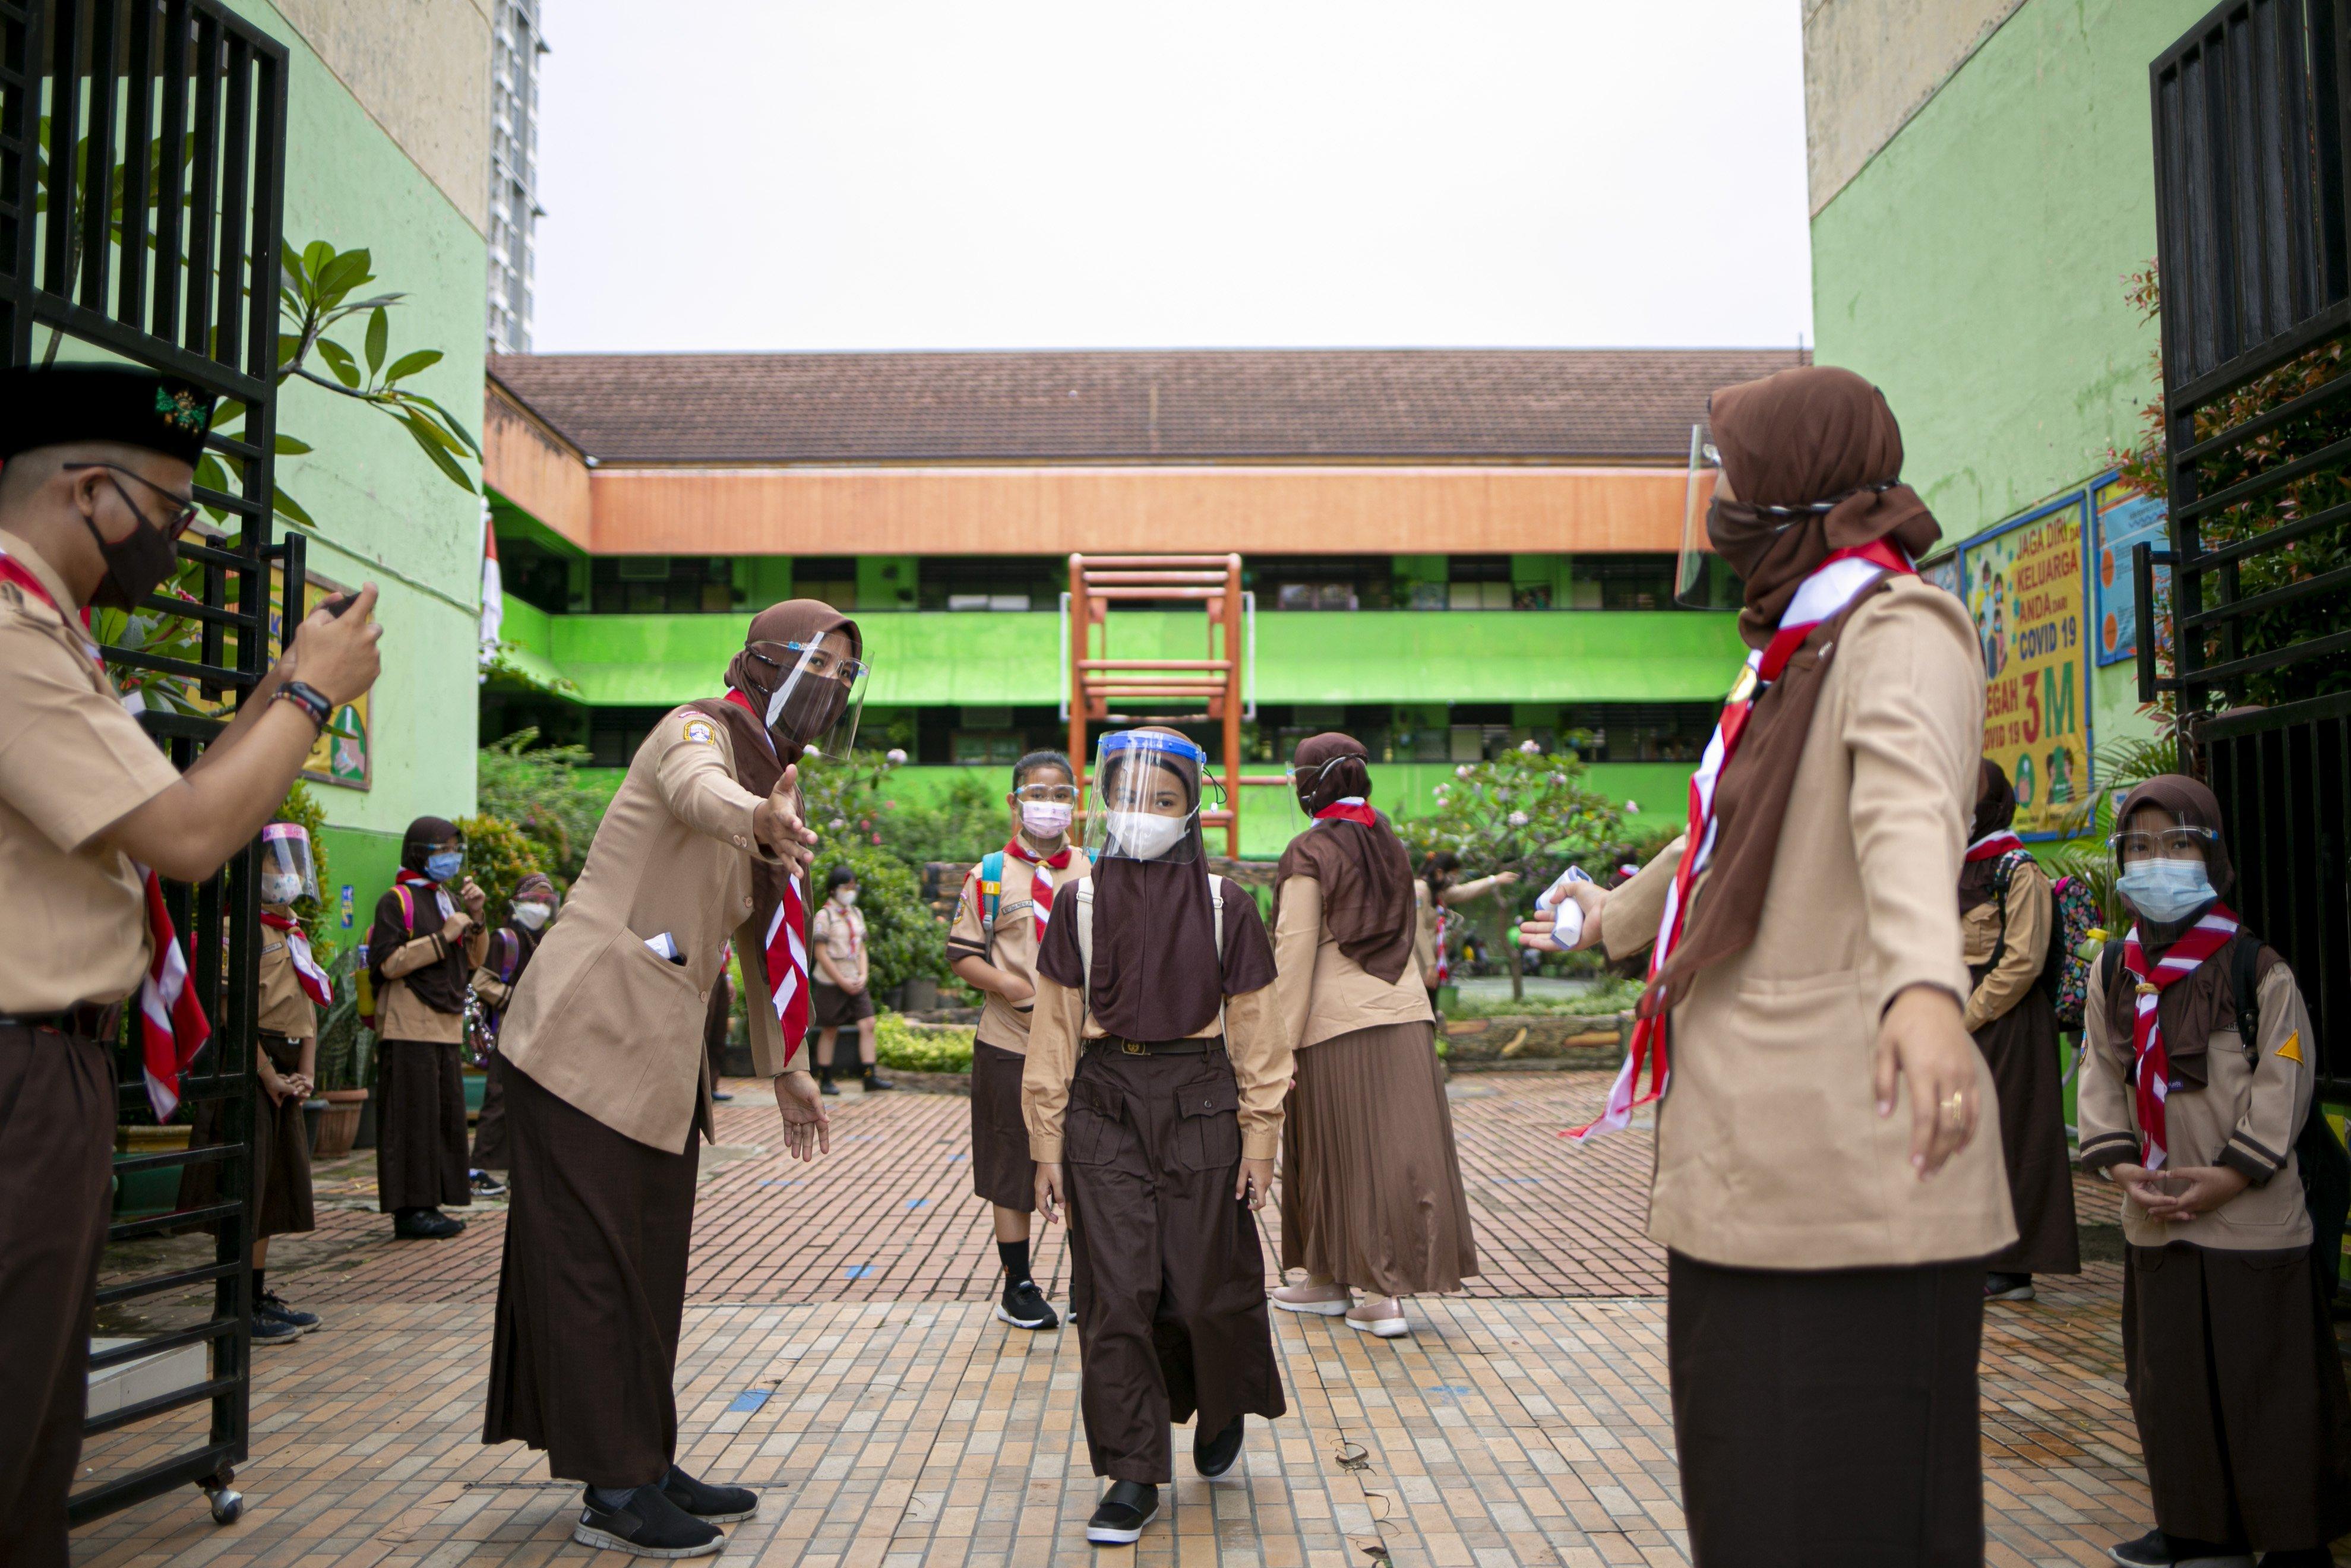 Siswa keluar sekolah usai mengikuti uji coba pembelajaran tatap muka di SDN Kenari 08 pagi, Jakarta, Rabu (7/4/2021). Pemerintah Provinsi DKI akan melakukan uji coba pembelajaran tatap muka terbatas di 85 sekolah mulai 7 April hingga 29 April 2021 dengan menerapkan protokol kesehatan Covid-19 yang ketat. Skema yang akan diterapkan adalah pembelajaran tatap muka secara bergantian di dalam ruangan maksimum 50 persen dari kapasitas ruangan.